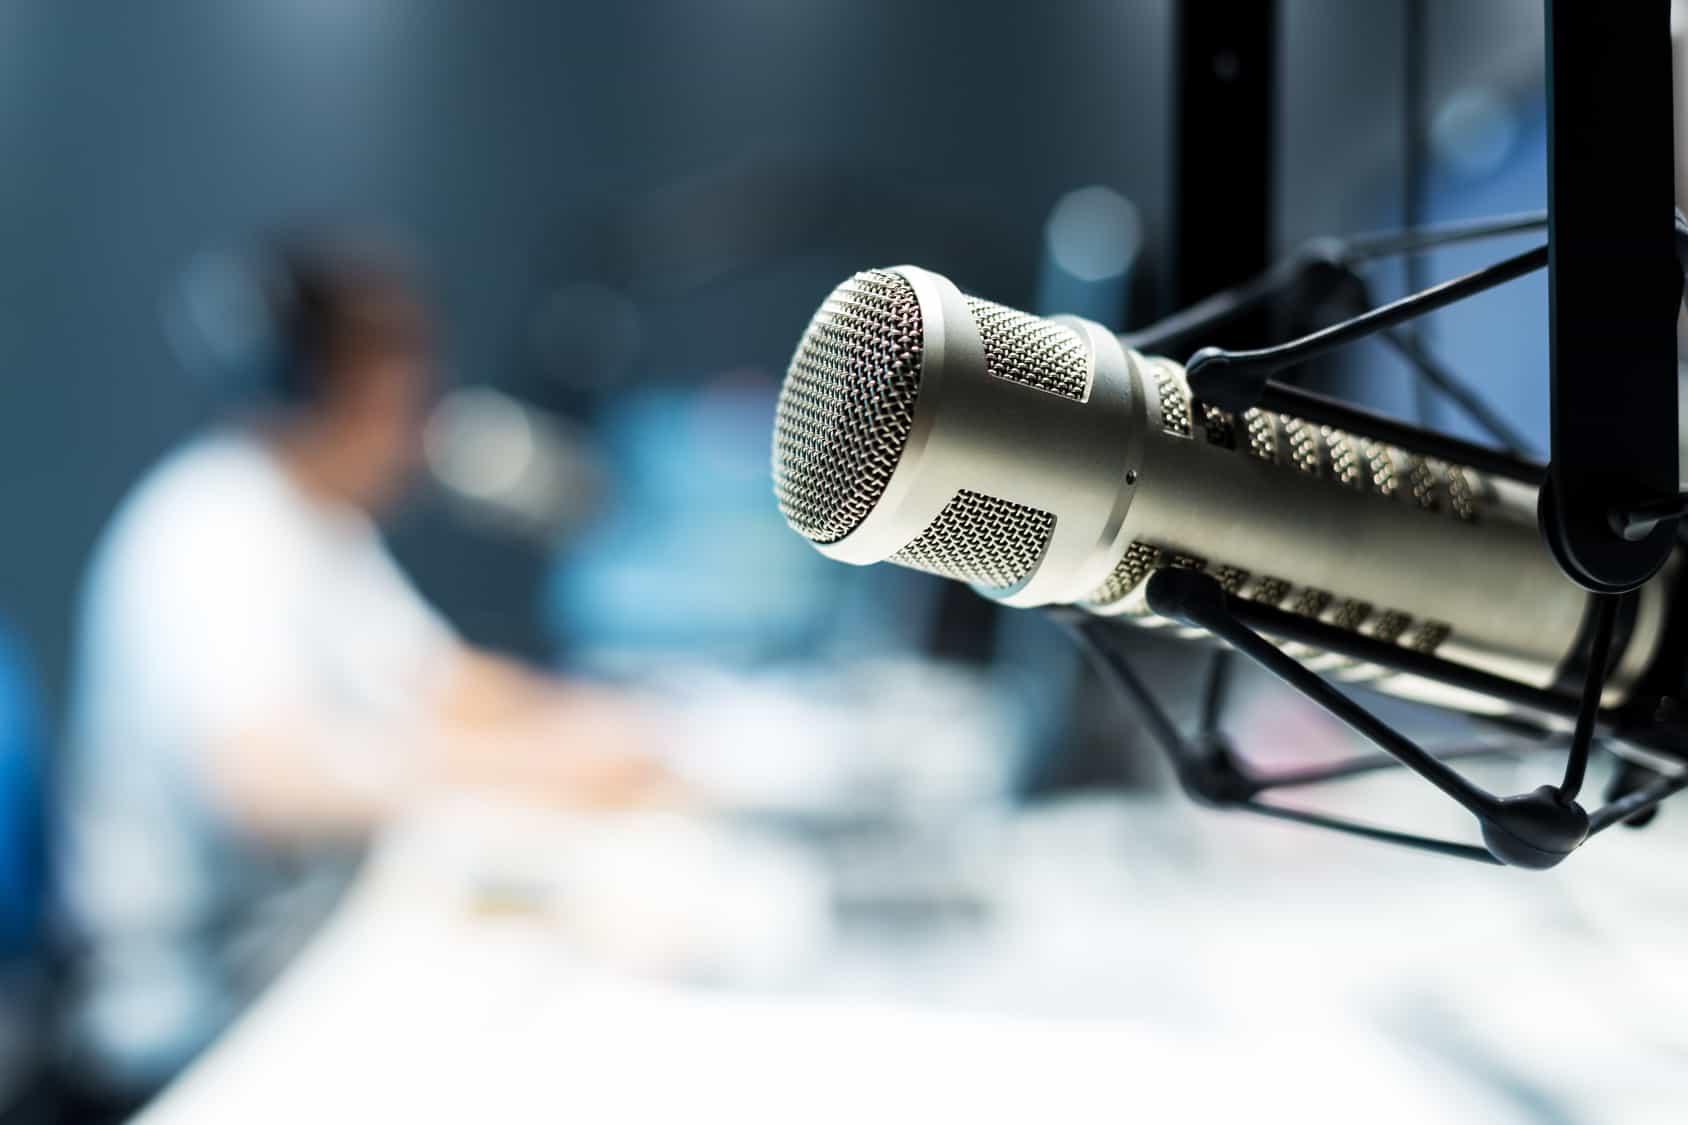 La migración de estaciones de radio de Amplitud Modulada a Frecuencia Modulada en la Ciudad de México, en la que resultó beneficiada y ganadora XEINFO-AM.